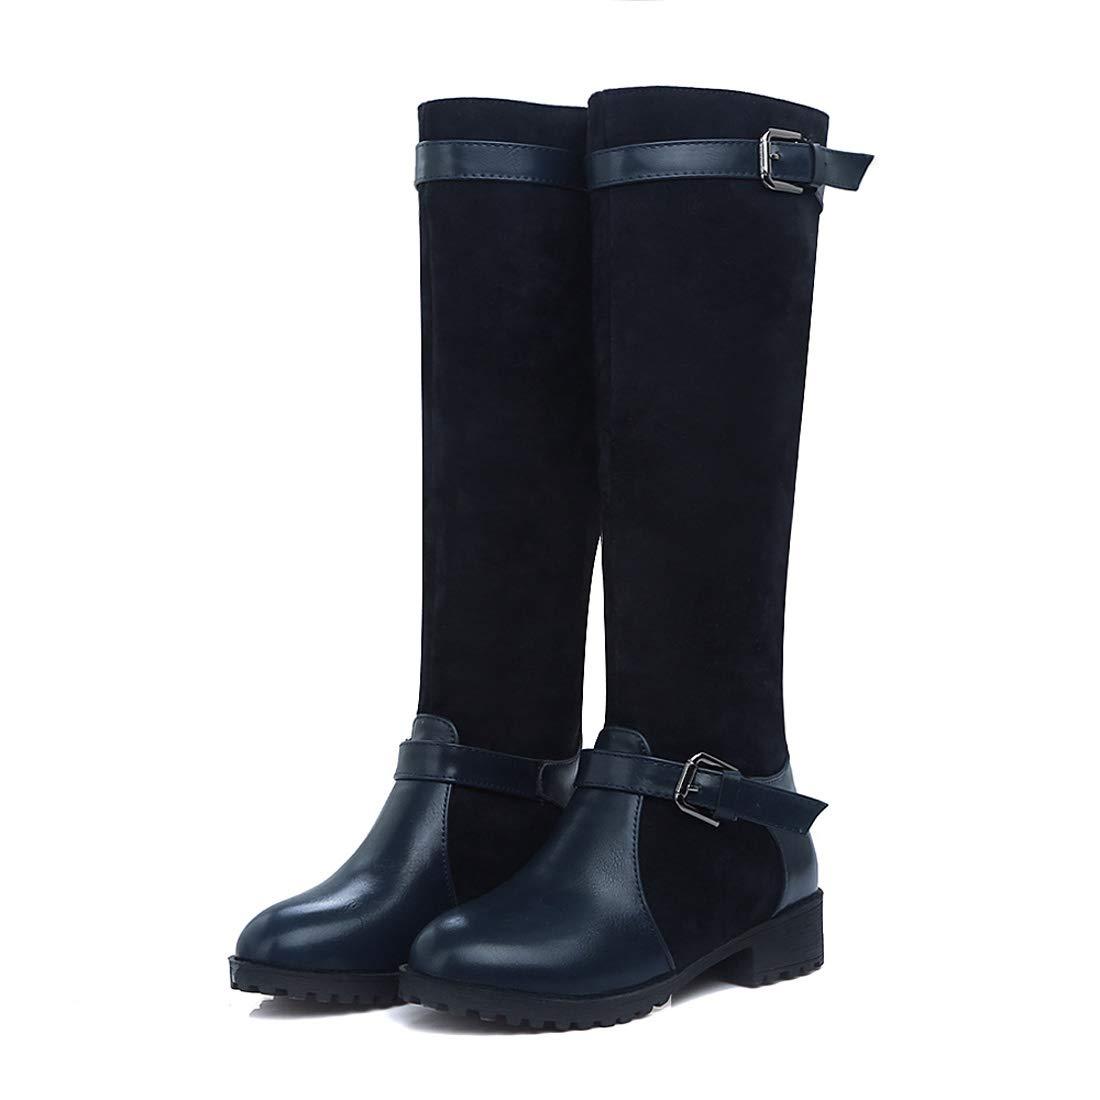 Bleu 35 EU DANDANJIE Chaussures pour Femmes Boucle Bottes d'équitation d'hiver Bottes Hautes à la Mode à Bout Rond et Genou